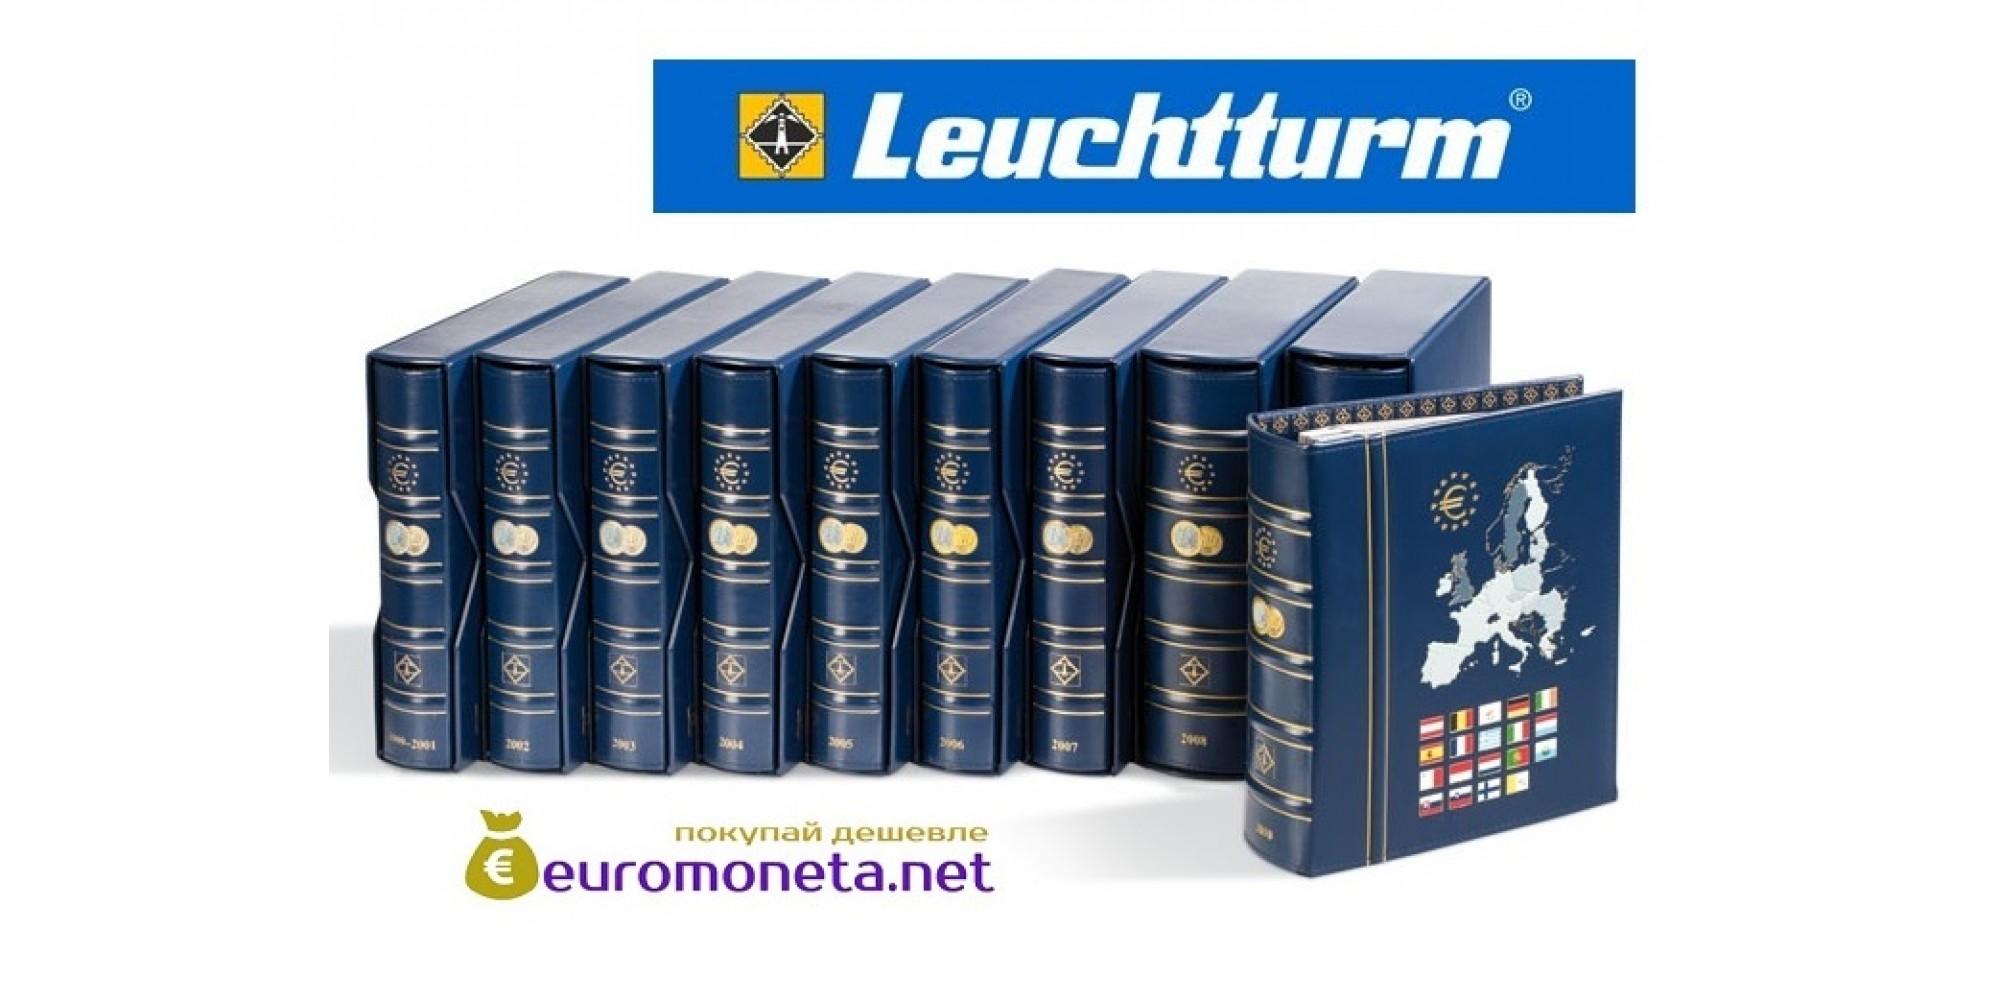 Leuchtturm альбом VISTA для евро монет годовые наборы за 2019 год внешняя обложка (шубер)